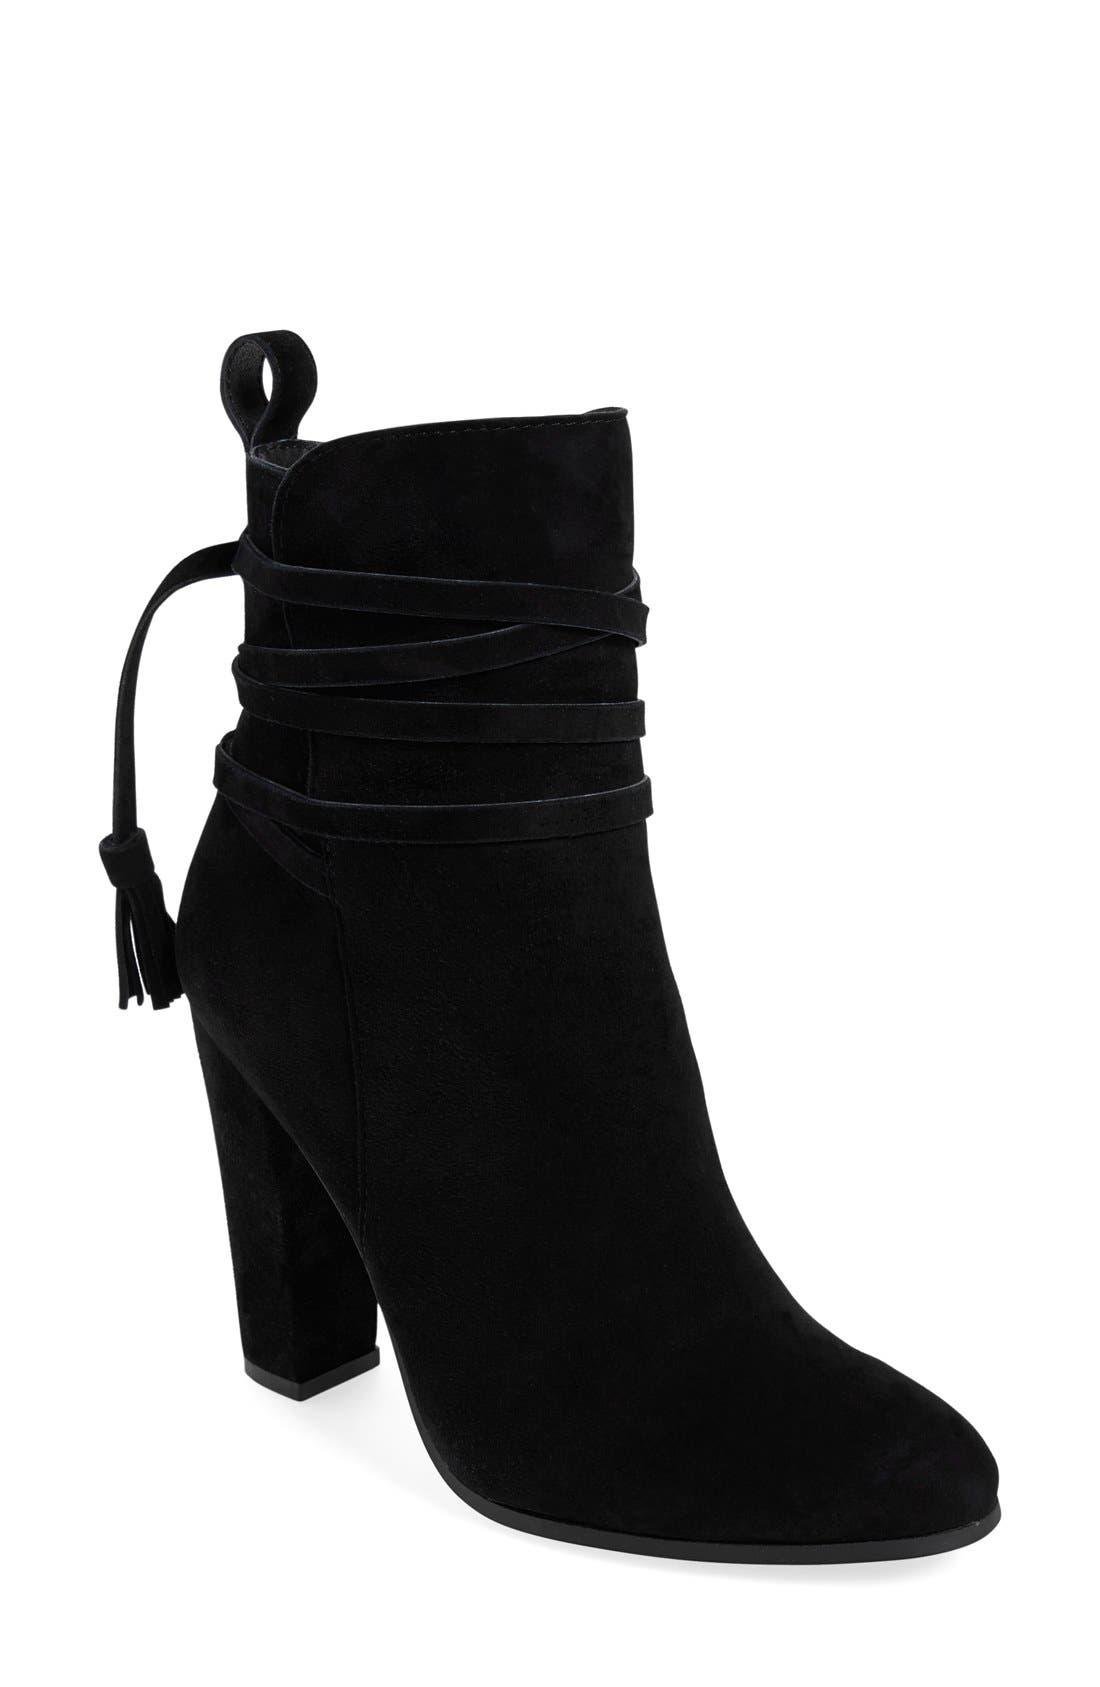 Main Image - Steve Madden 'Glorria' Block Heel Bootie (Women)